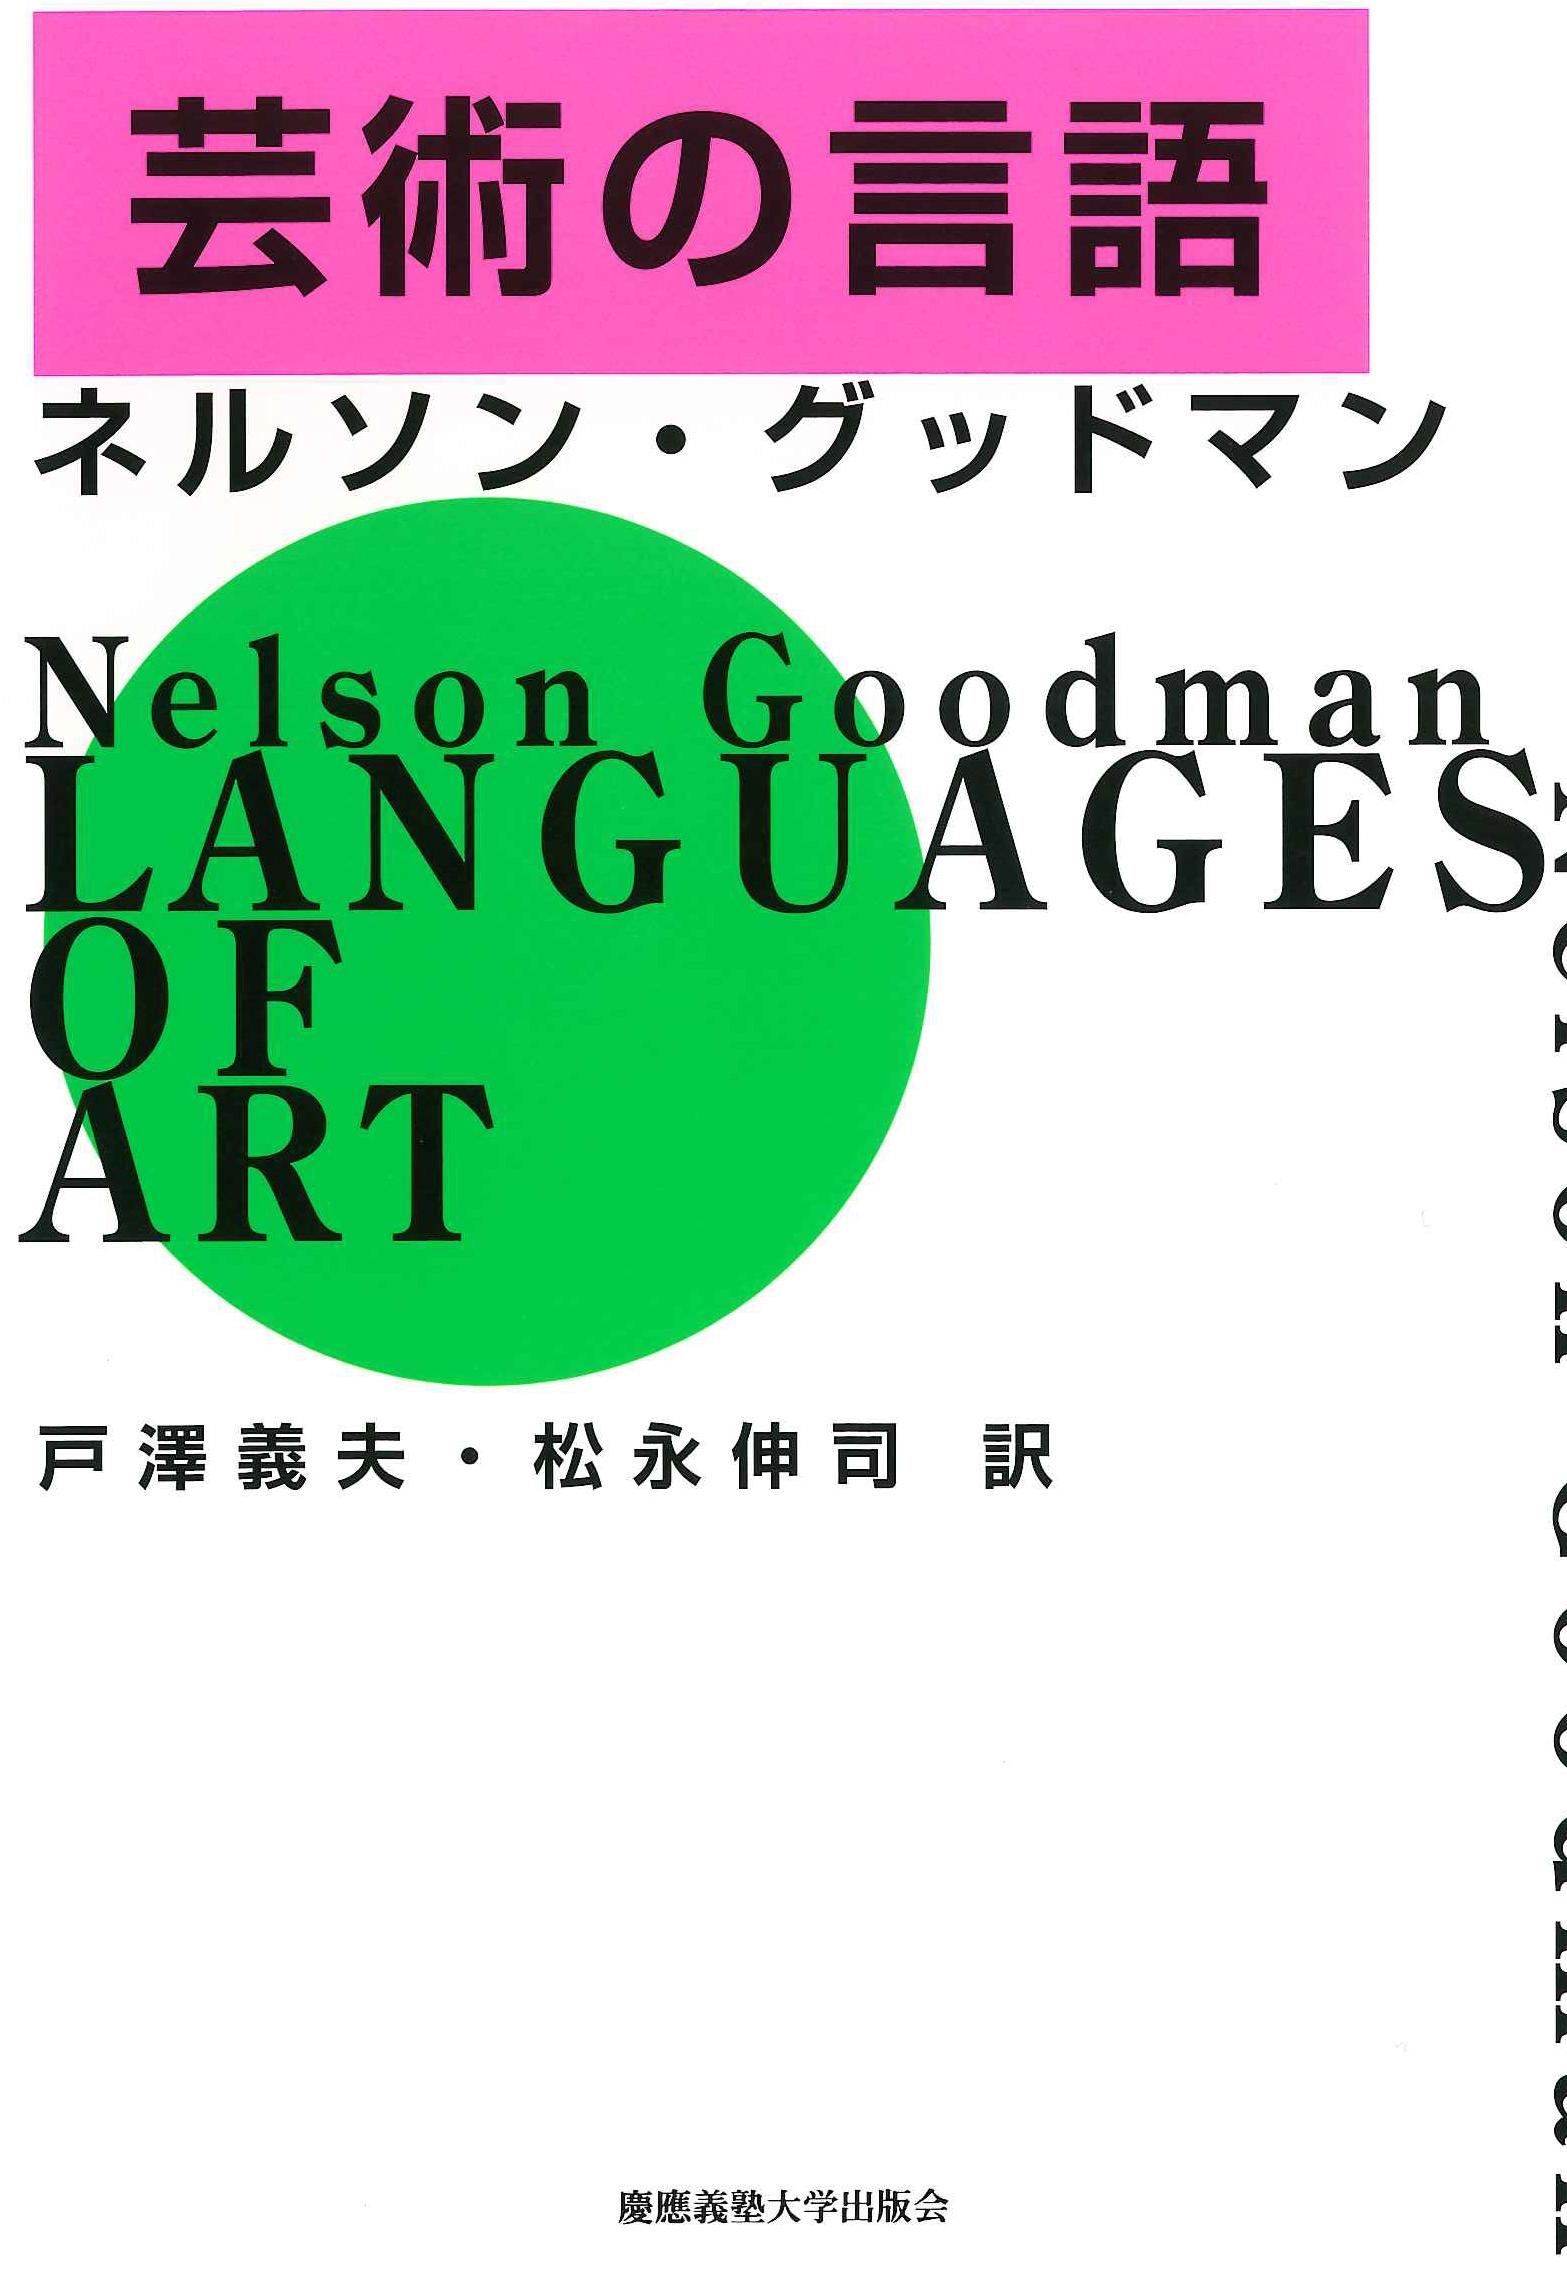 芸術の言語 ネルソン・グッドマン 著 戸澤 義夫 訳 松永 伸司 訳